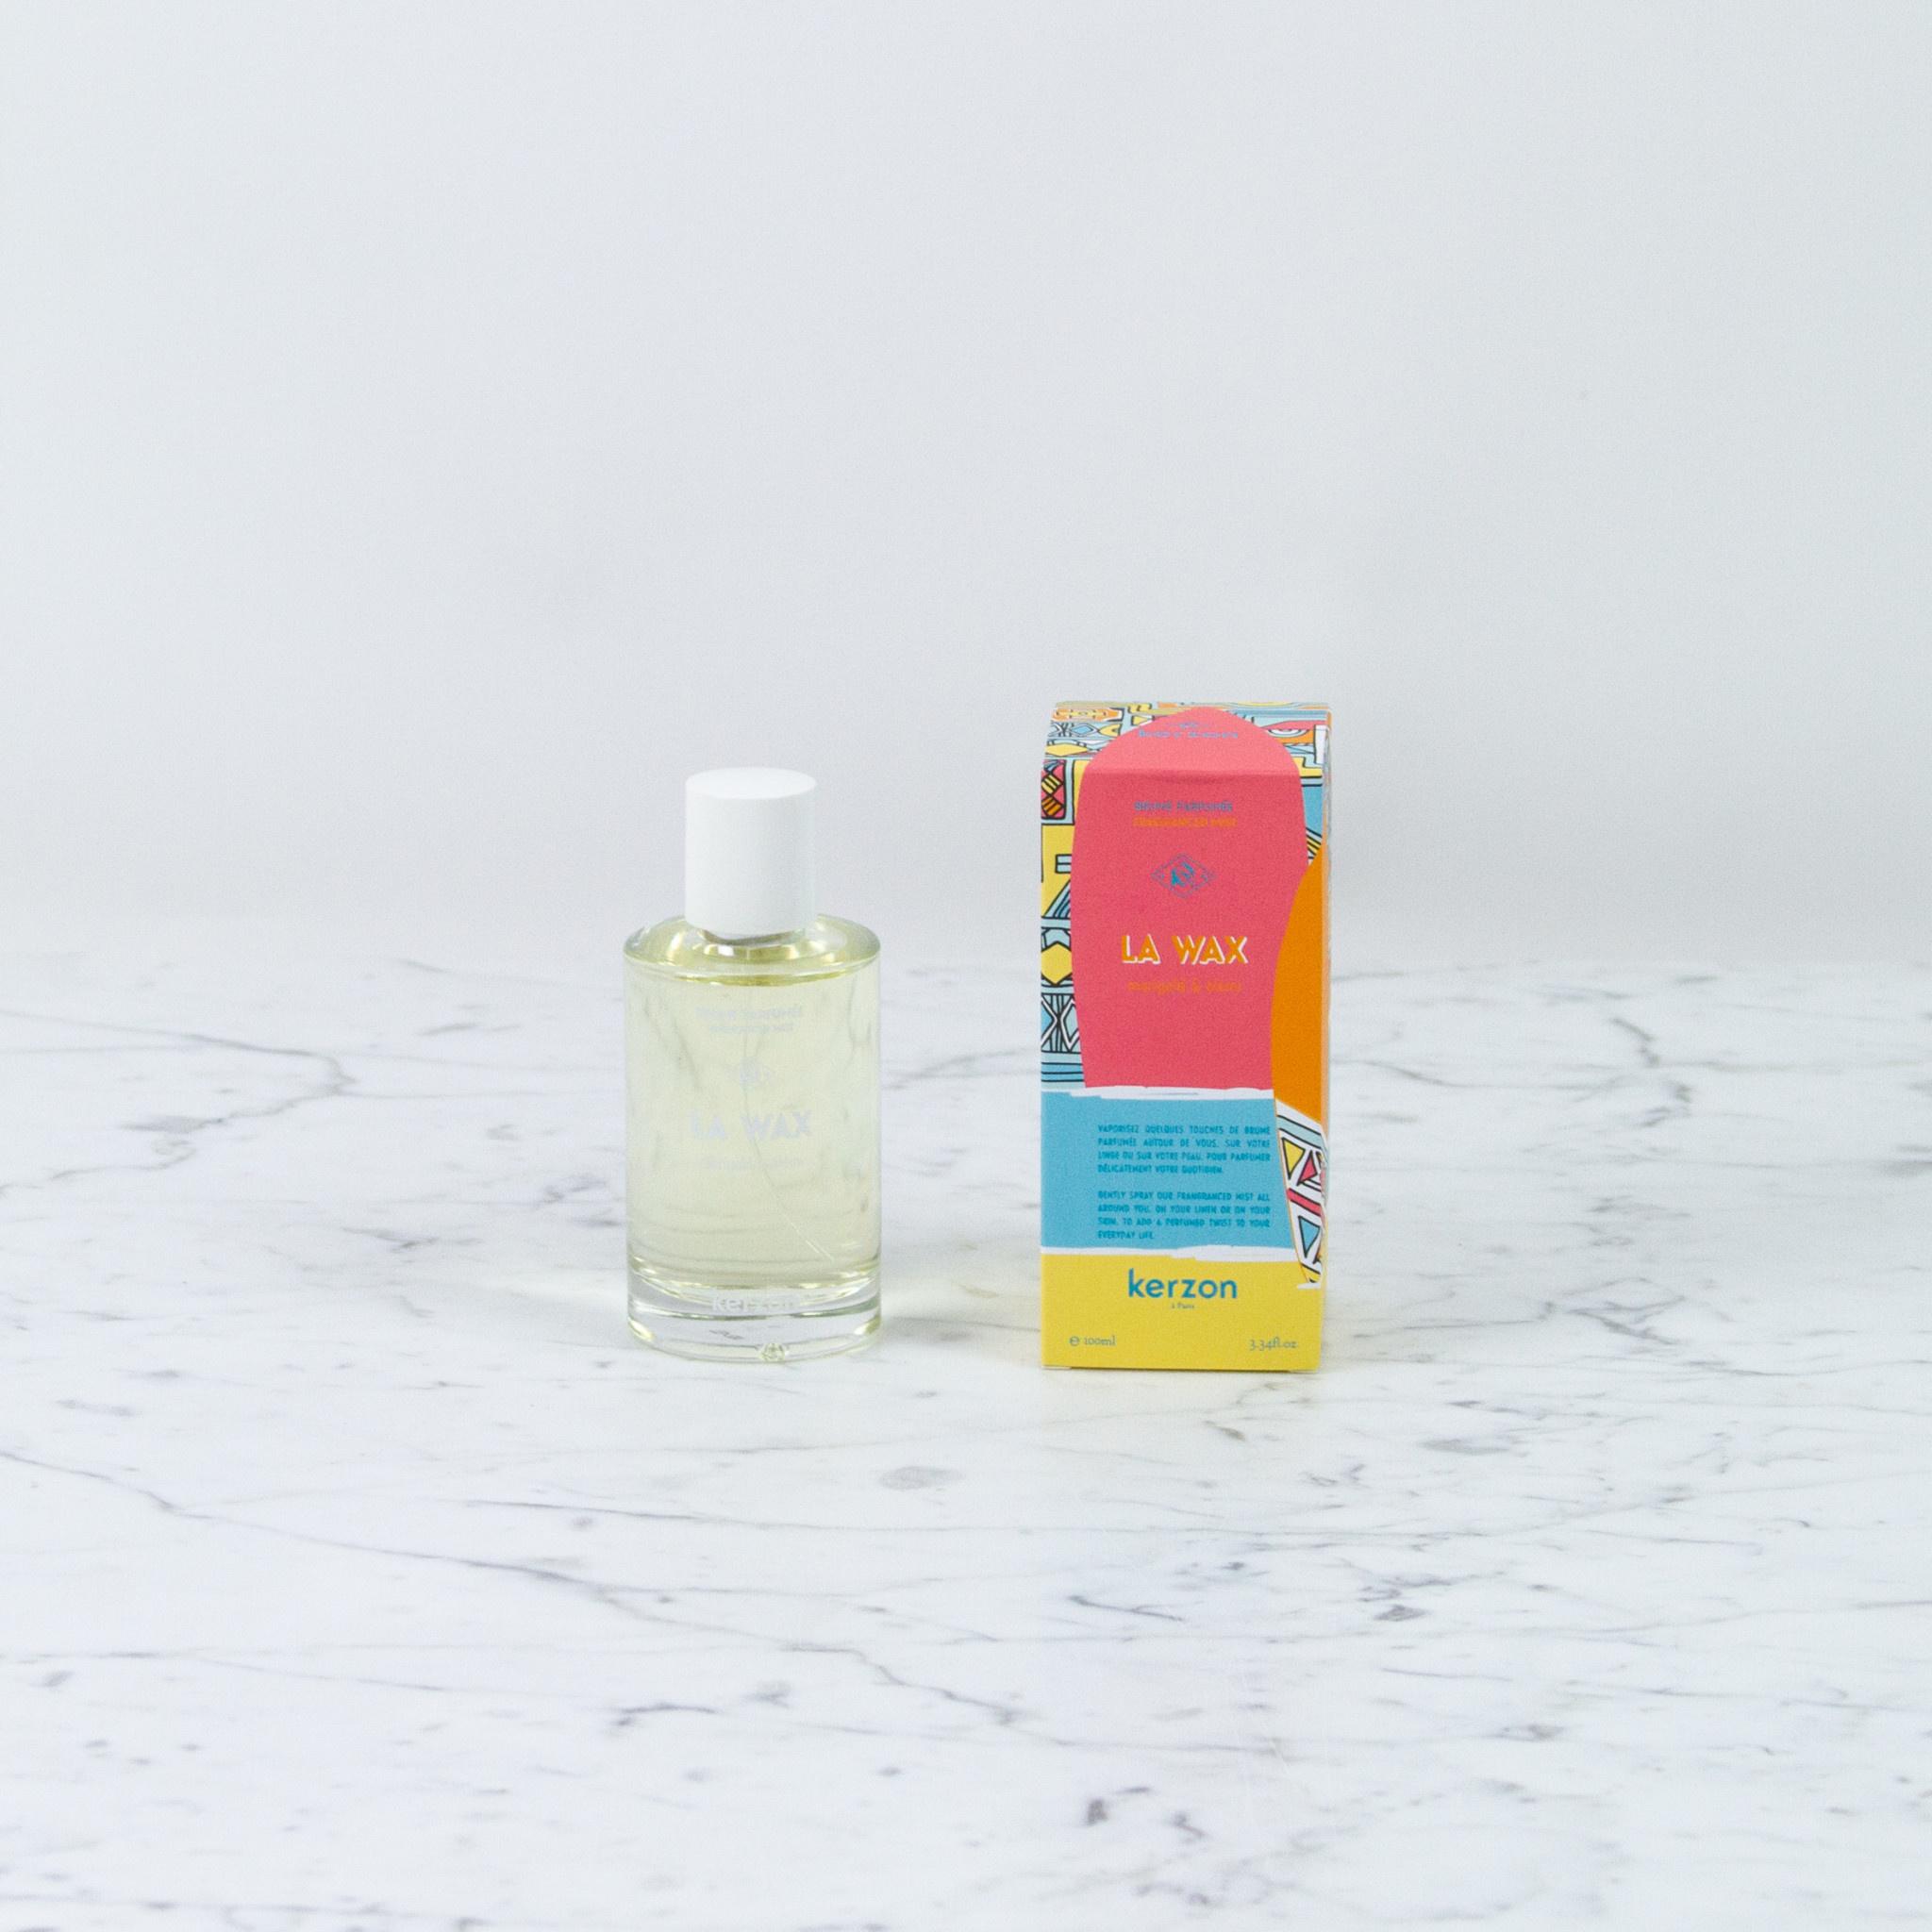 Kerzon Fragrance Mist - La Wax